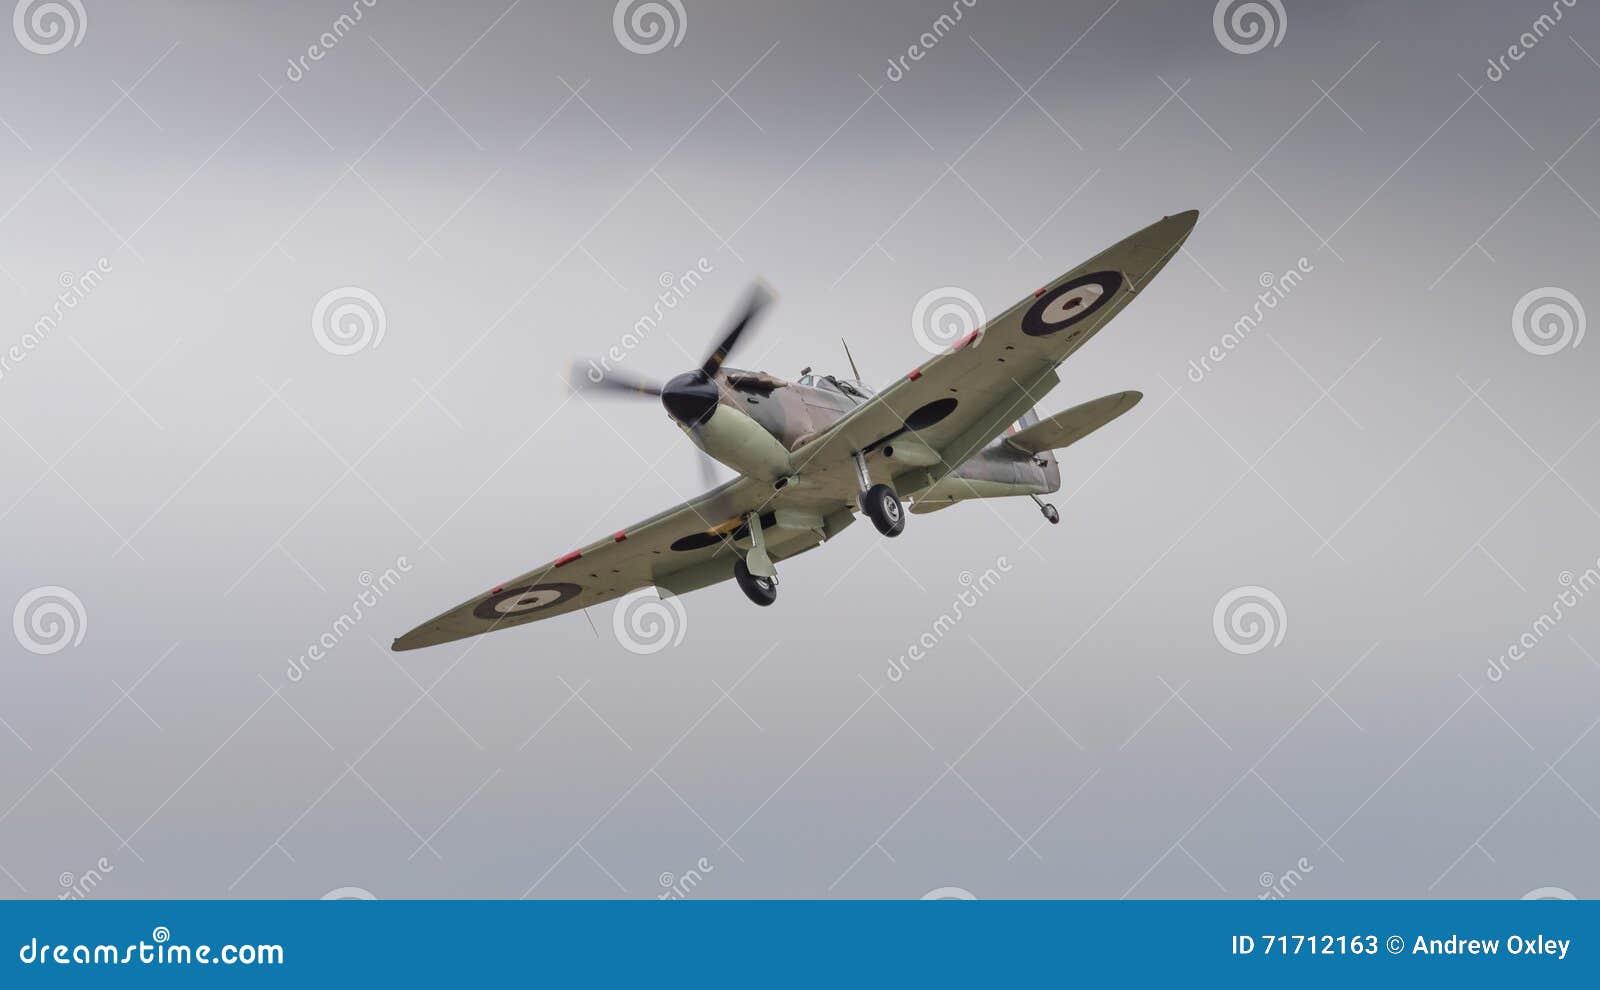 Aereo Da Caccia Traduzione Inglese : Aereo da caccia britannico d annata delle spitfire